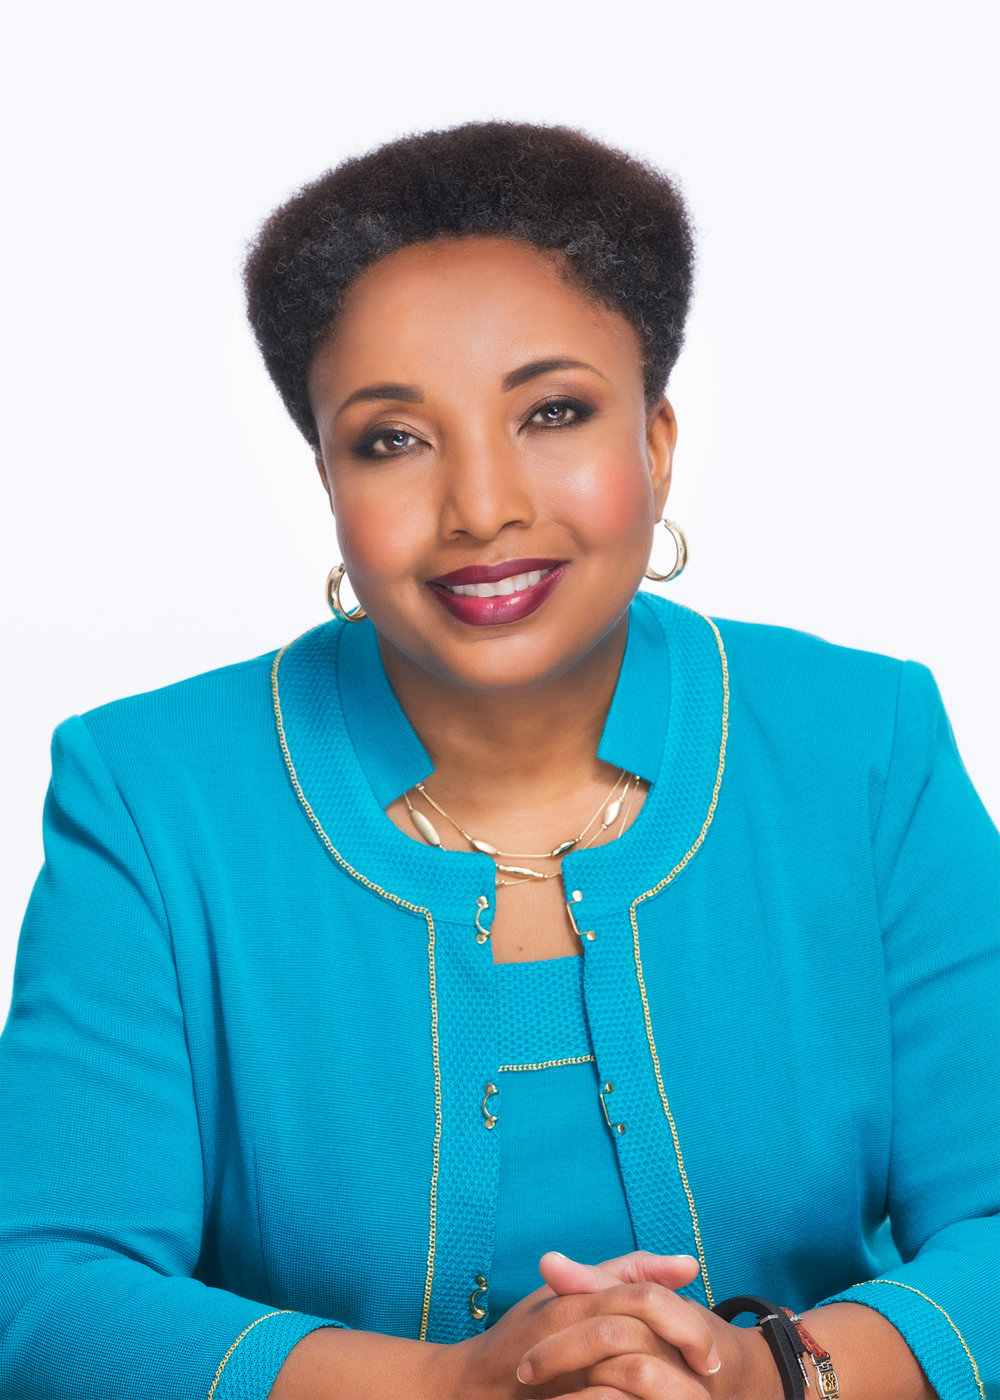 Dr. Carol M. Swain